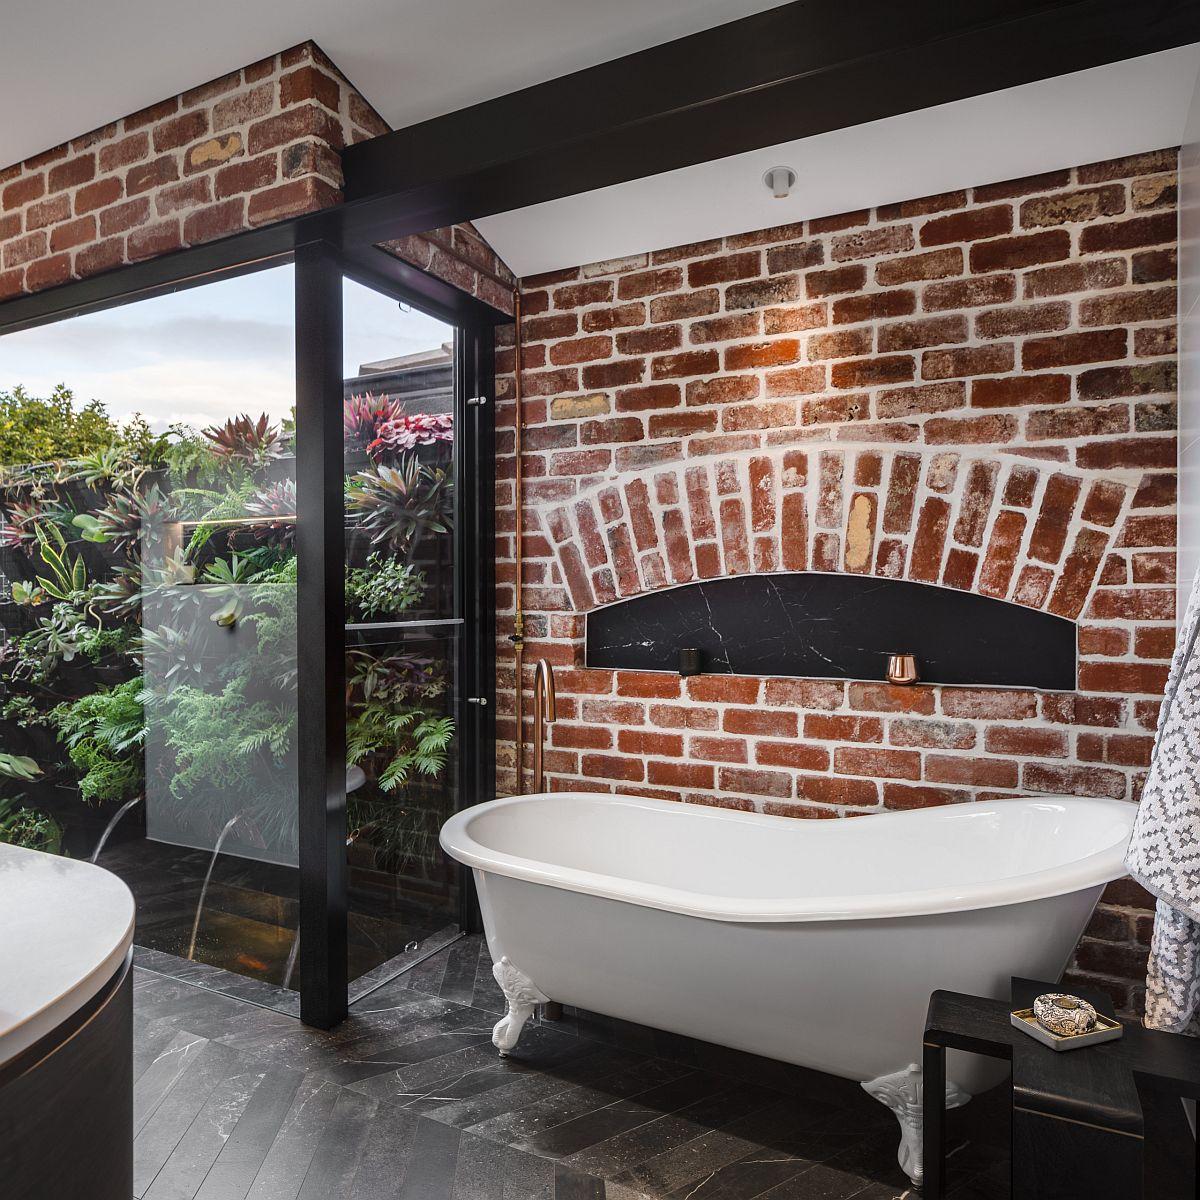 Salle de bains industrielle moderne avec un fond de mur de briques et de jolis accents noirs